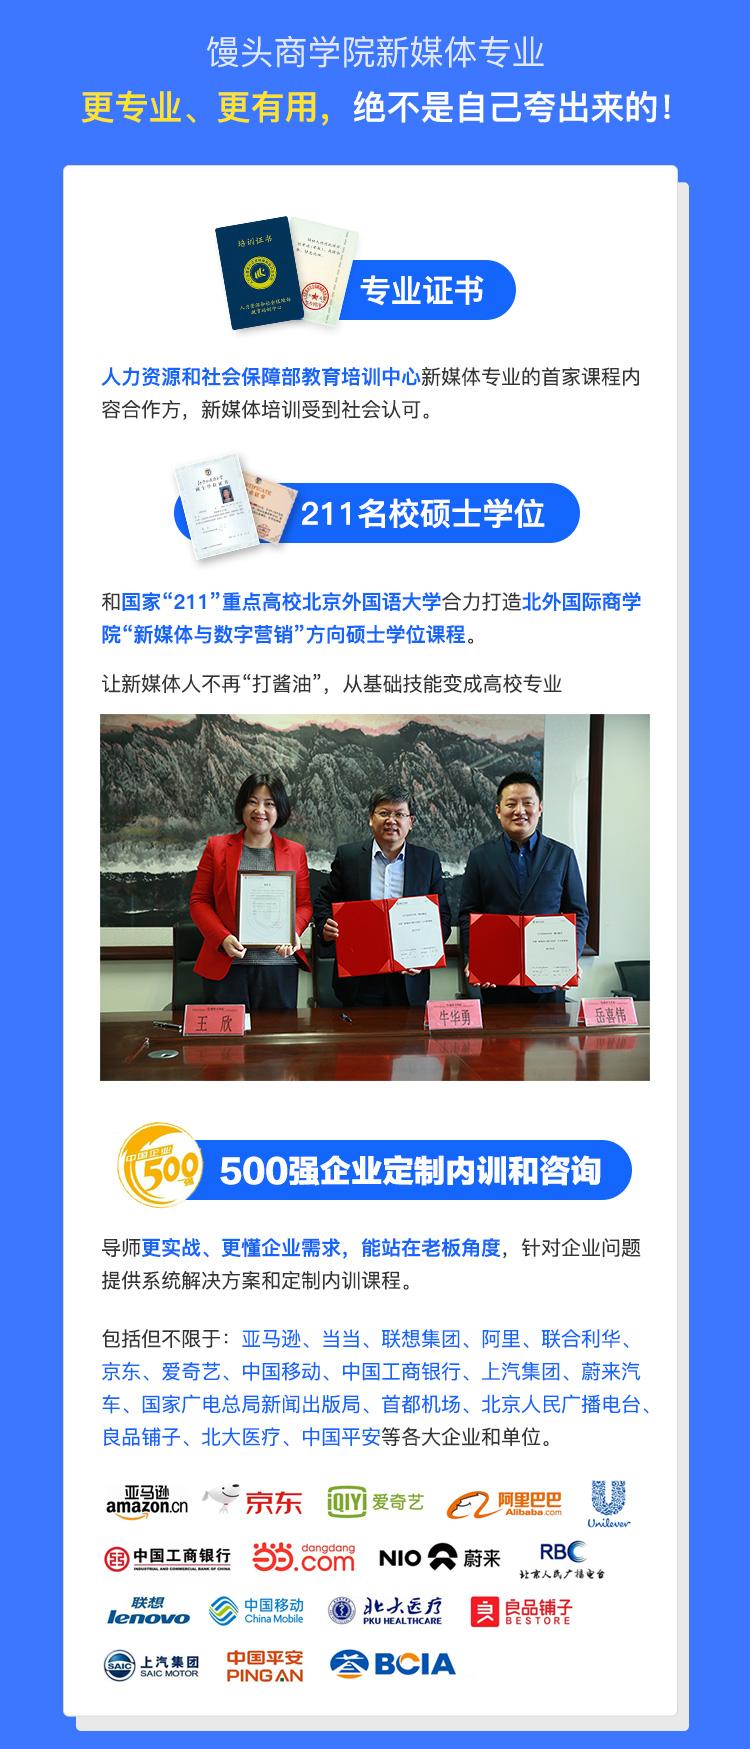 http://mtedu-img.oss-cn-beijing-internal.aliyuncs.com/ueditor/20200108174500_288131.jpeg